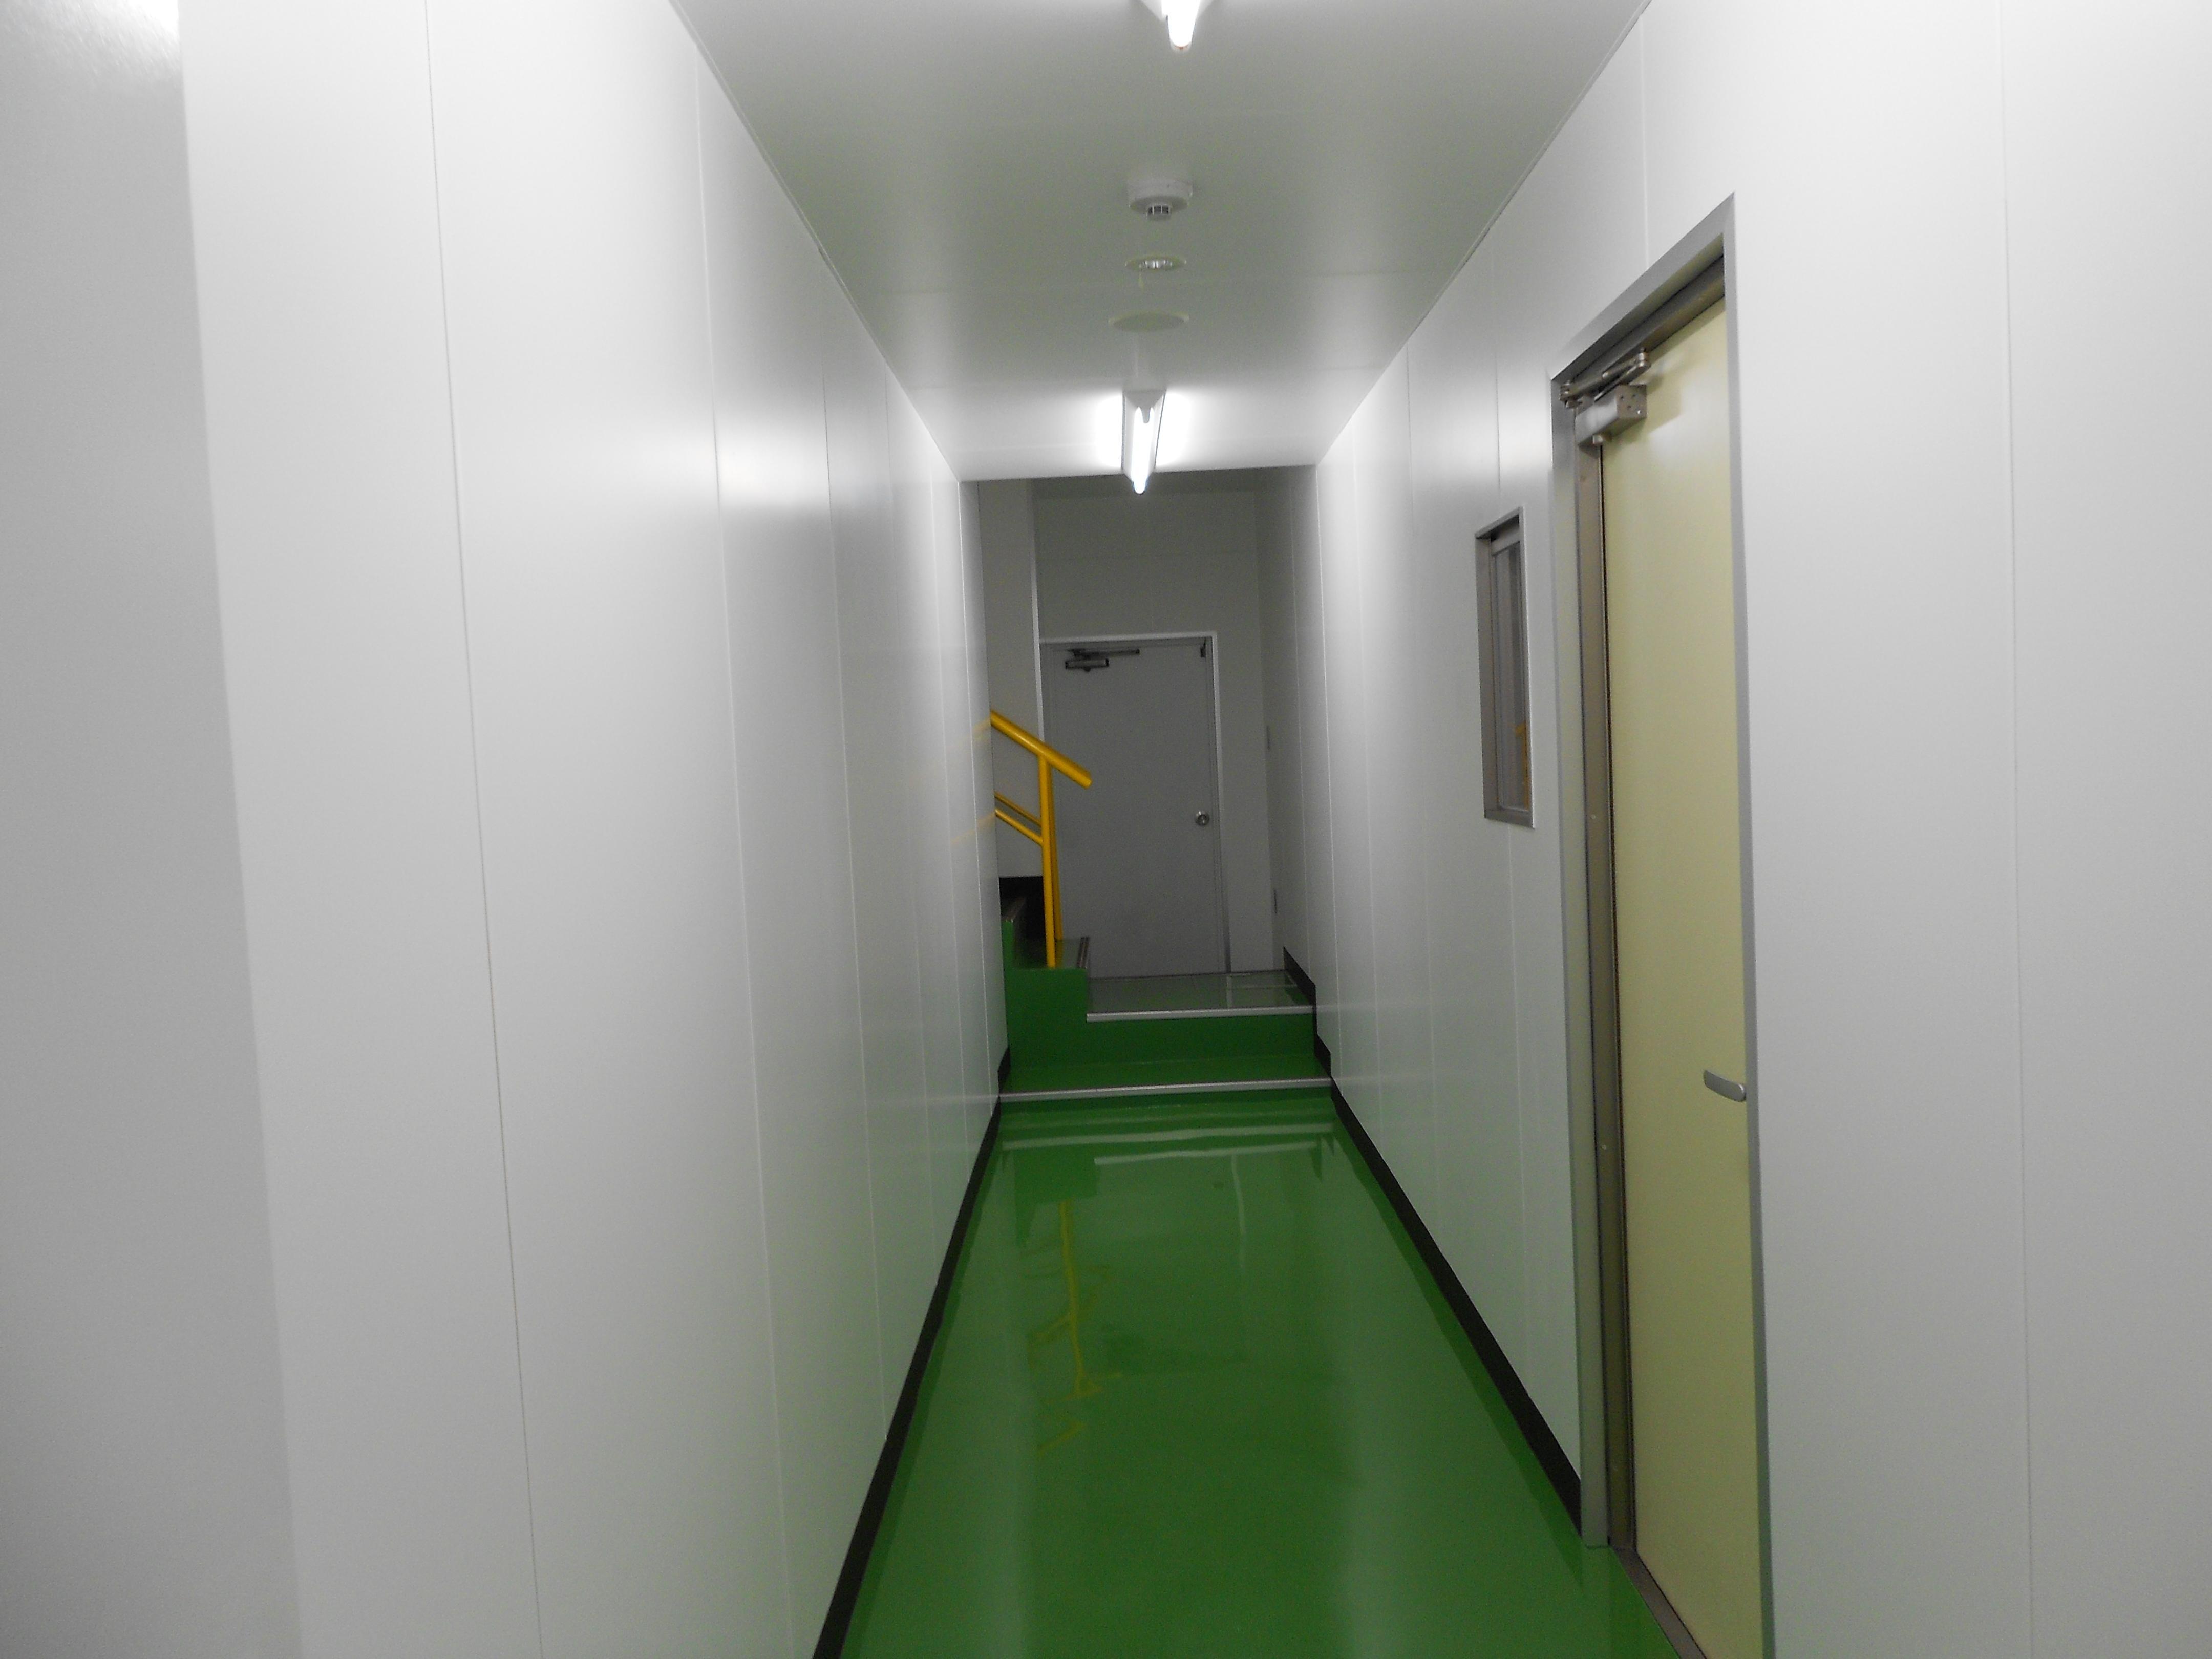 間仕切り壁(軽カル板仕様)